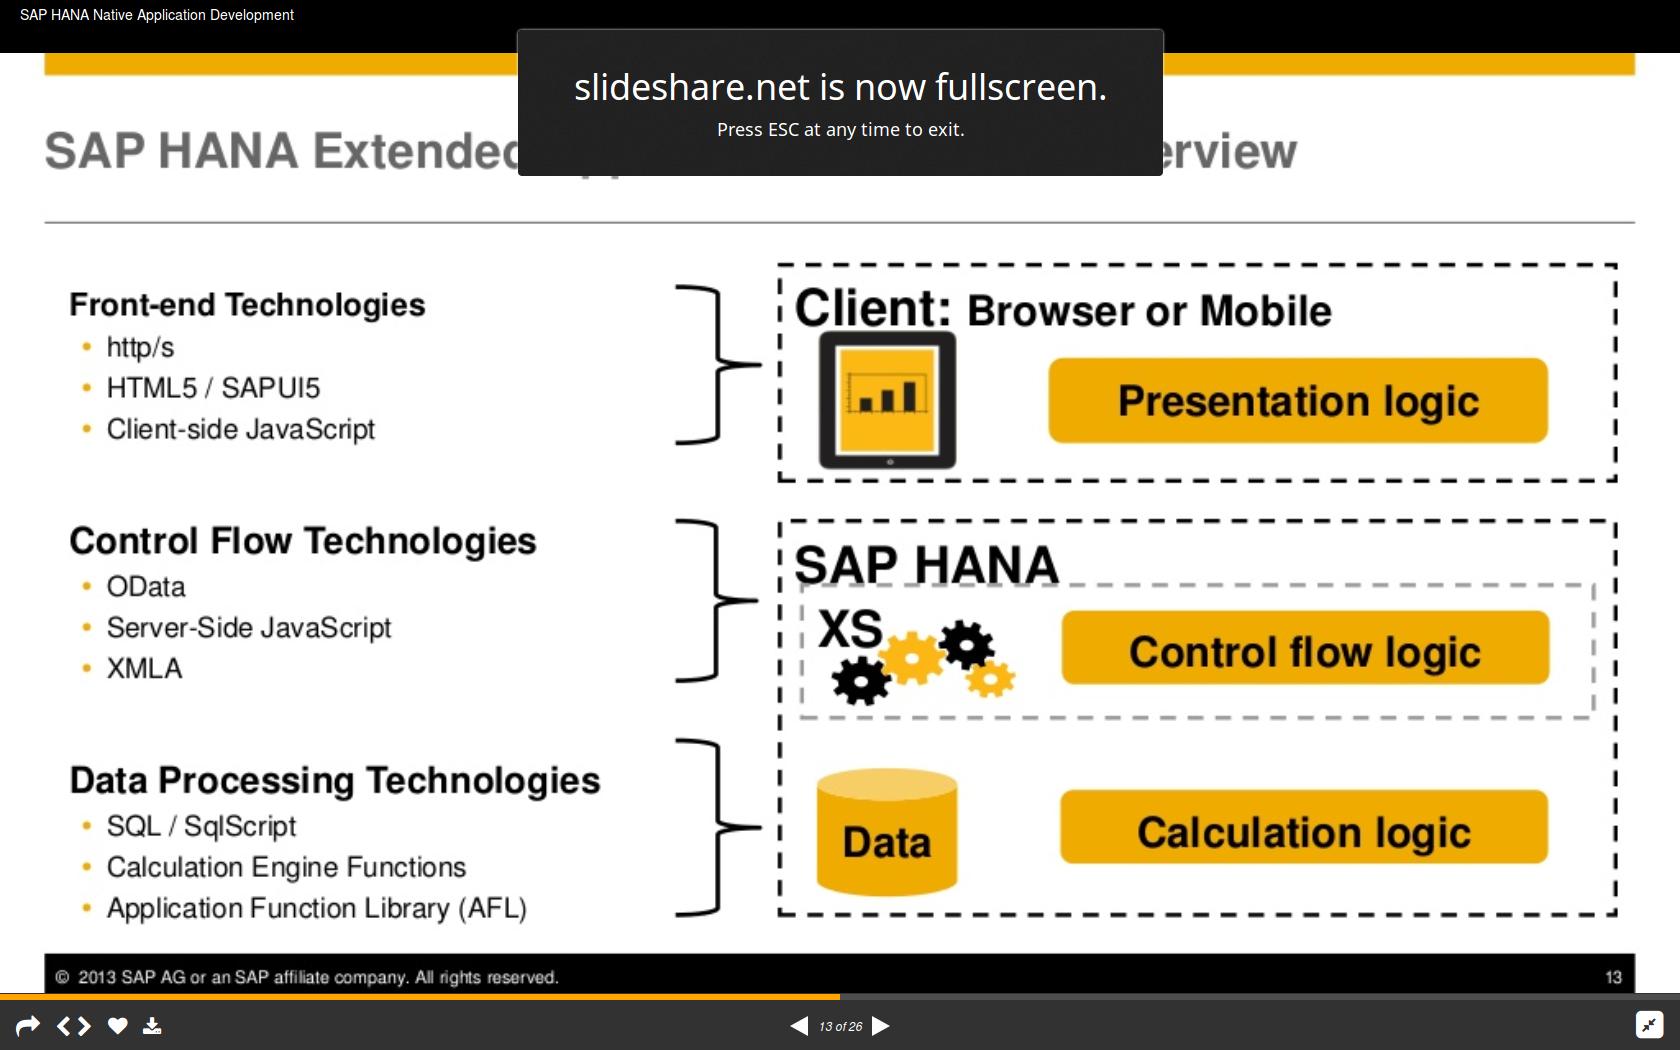 SAP Форум: новые возможности для разработчиков и стартаперов - 2